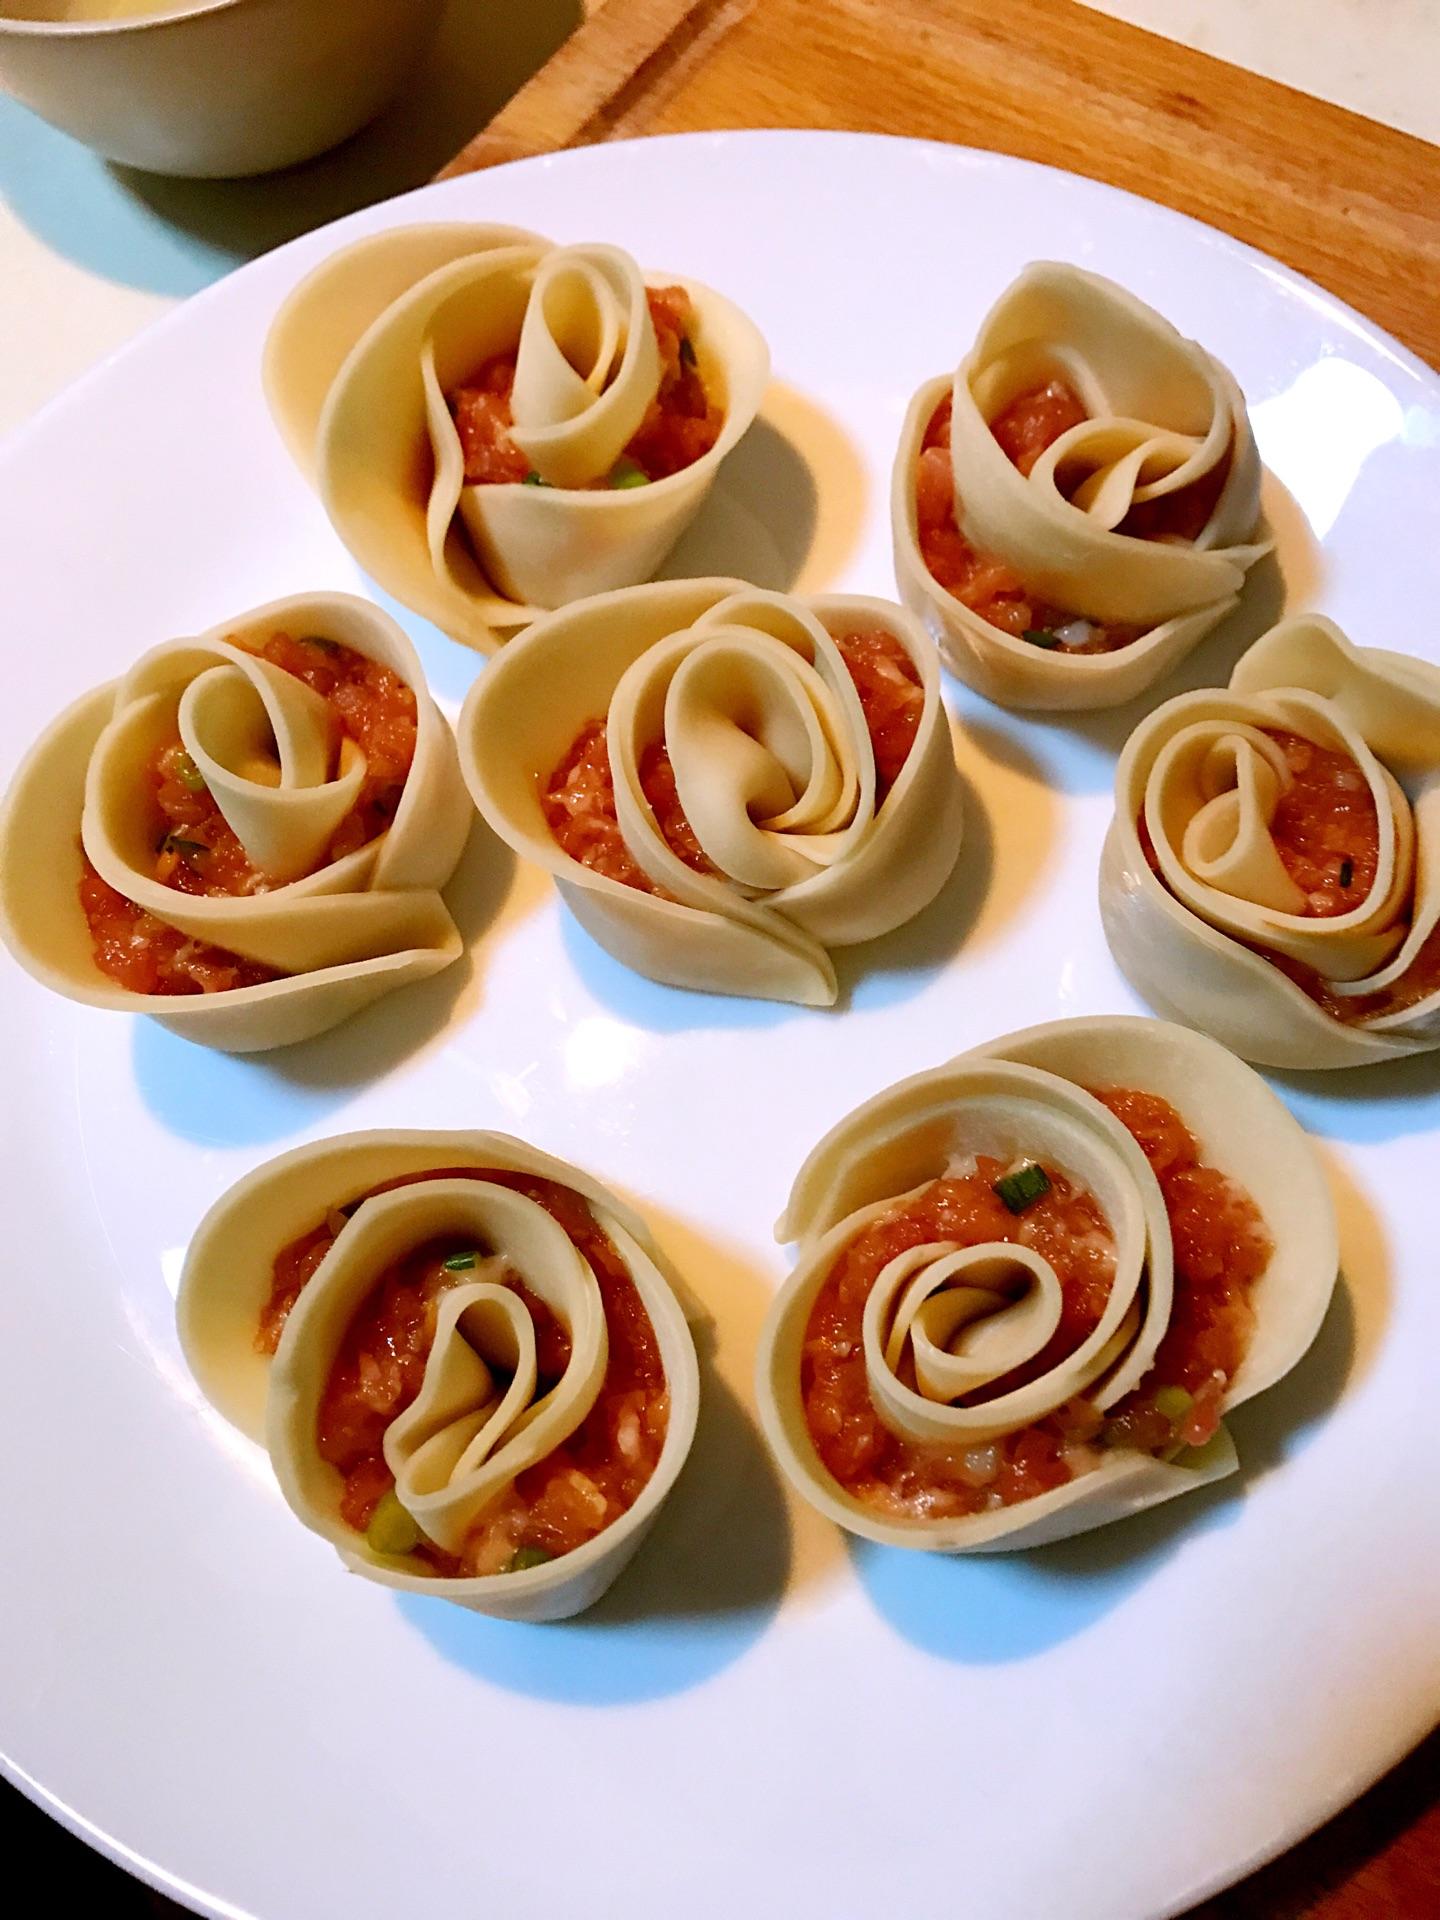 超级简单,好吃又好看的玫瑰花饺的做法步骤